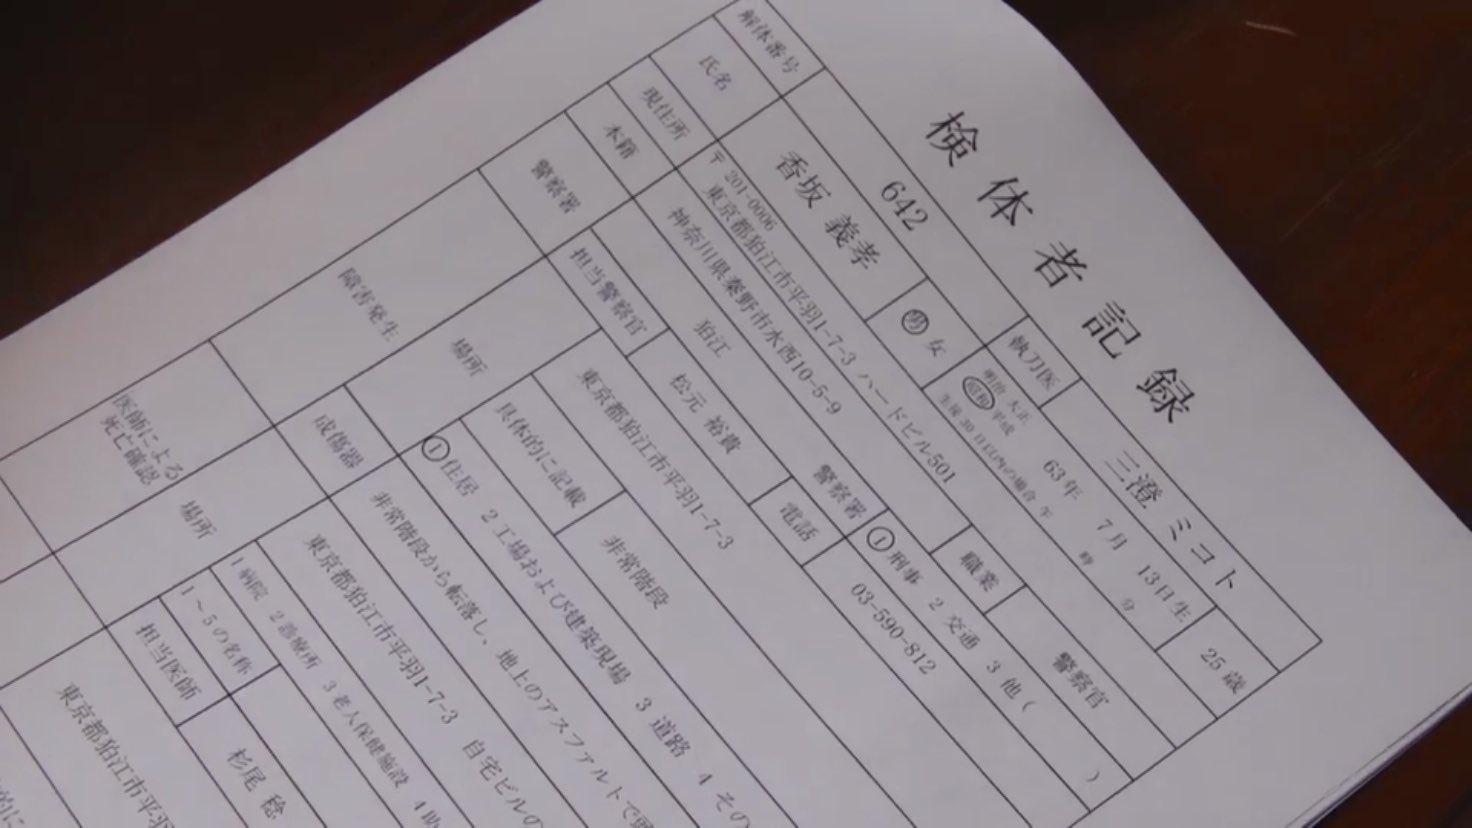 「MIU404」6話に三澄ミコトの名が!?アンナチュラルも絡む展開の秘密※ネタバレあり